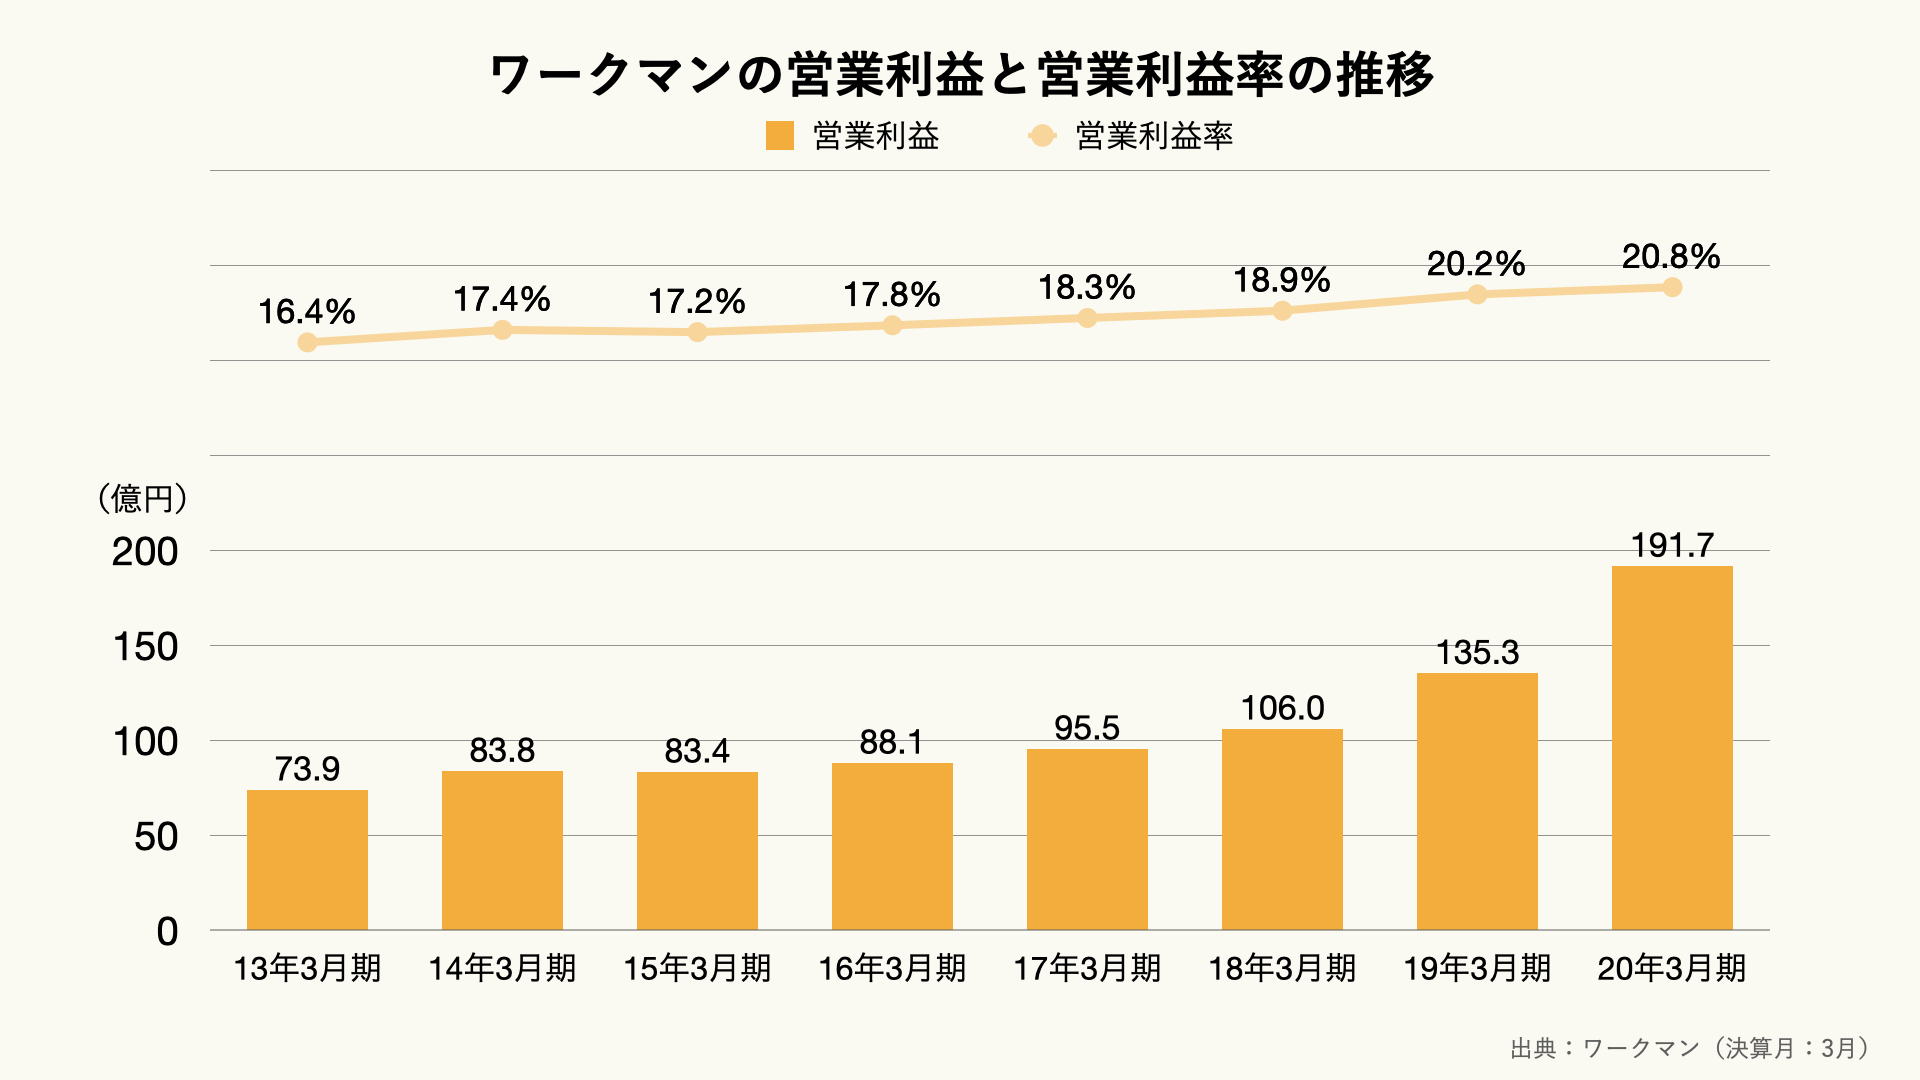 ワークマンの営業利益と営業利益率の推移のグラフ